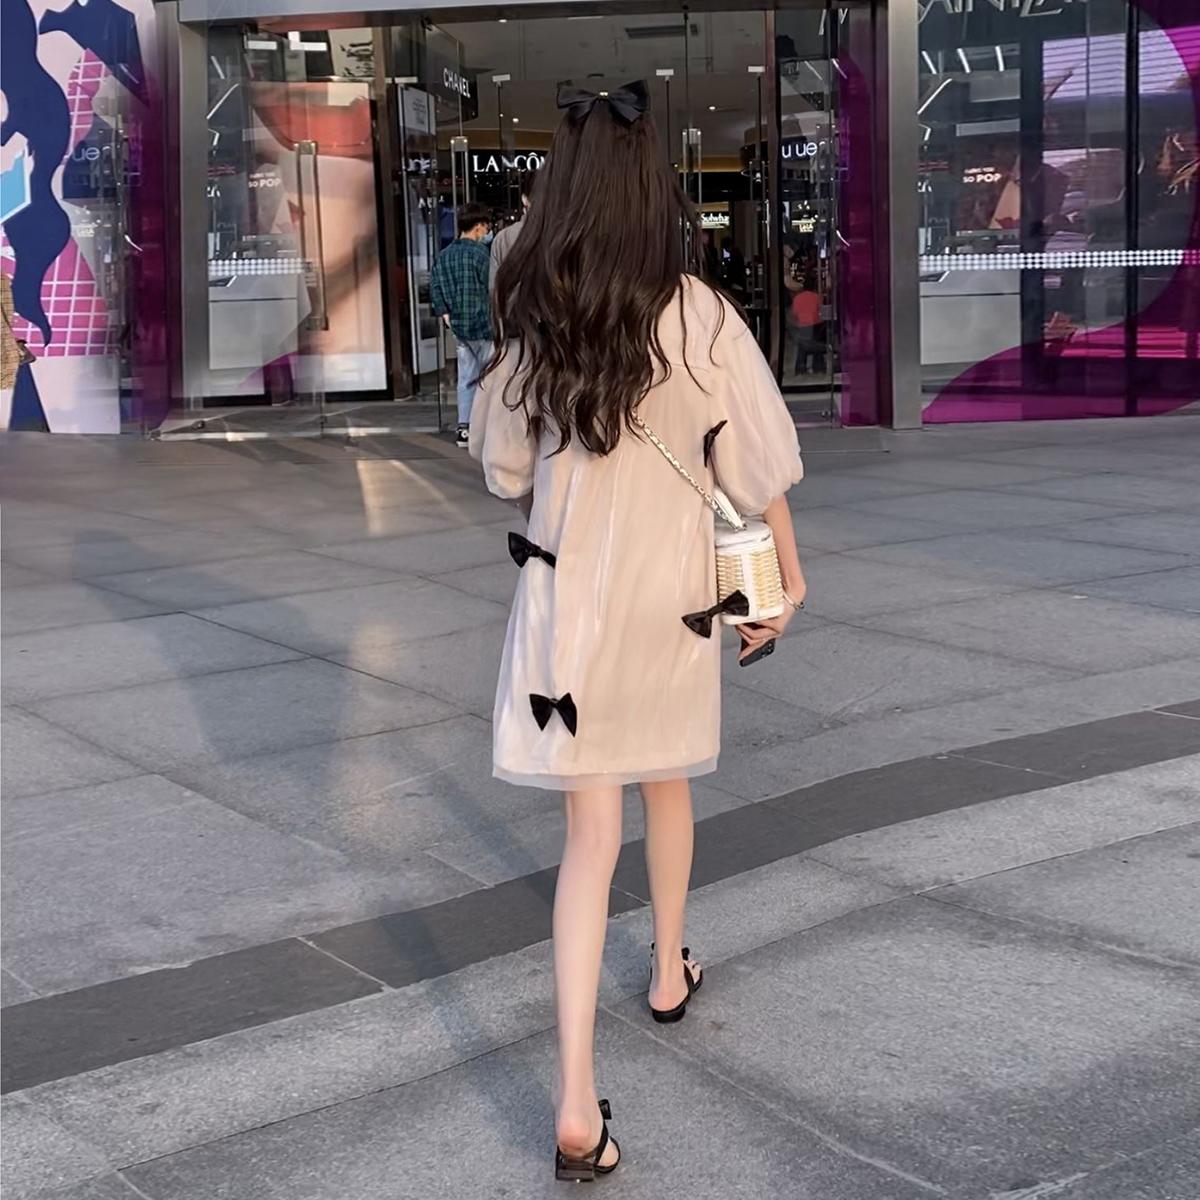 婕米家孕妇装夏装洋气公主蝴蝶结夏天裙子中长款减龄网纱连衣裙子图片